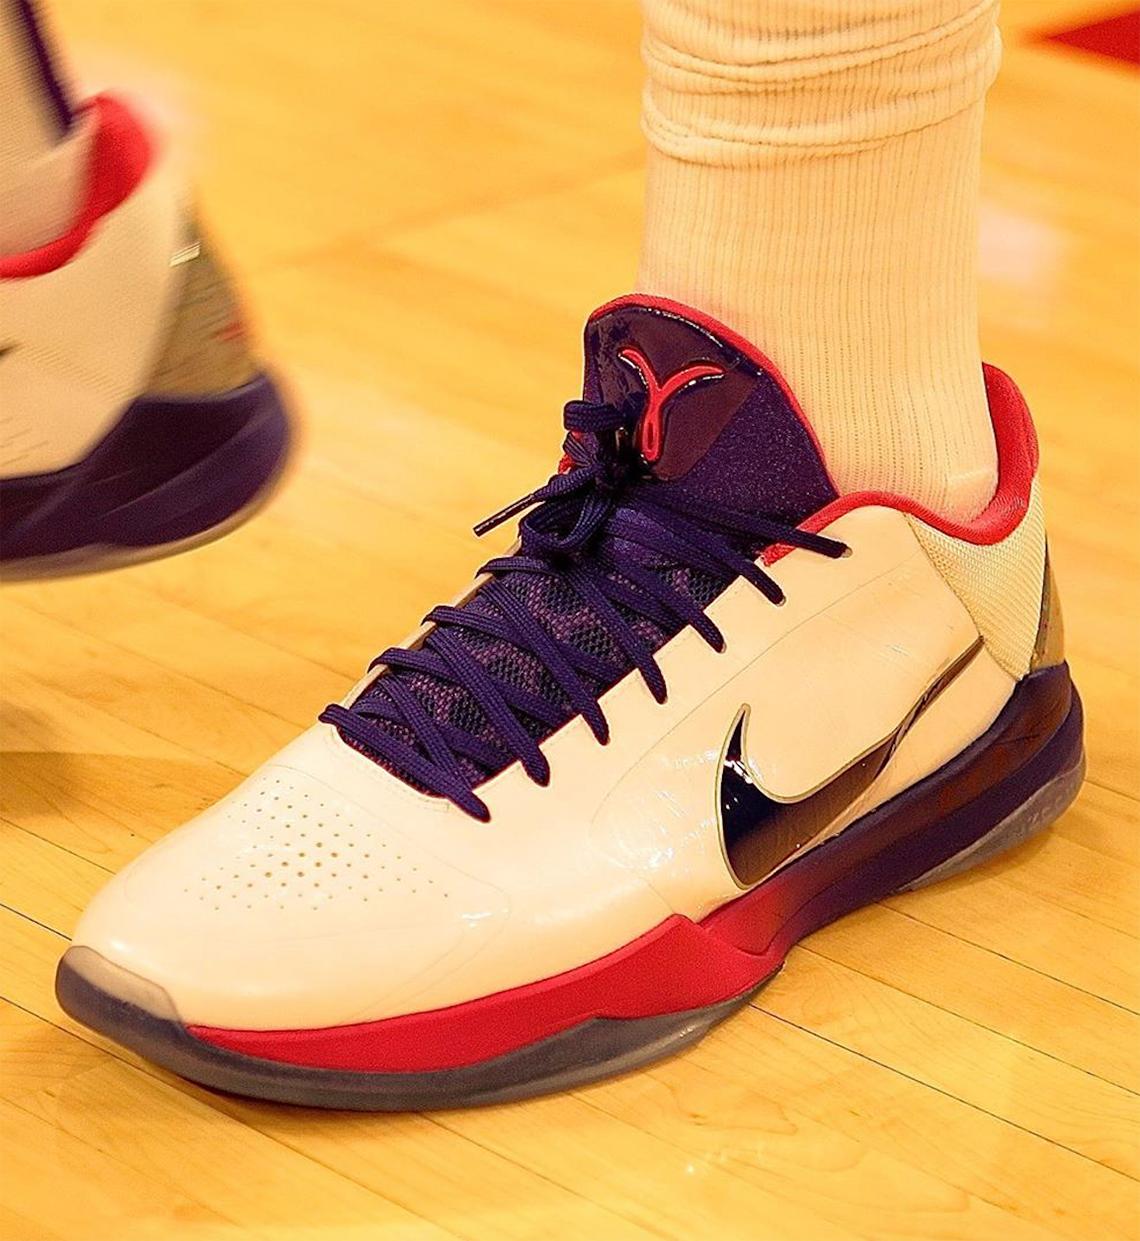 Nike Kobe 5 Protro Kay Yow Release Info